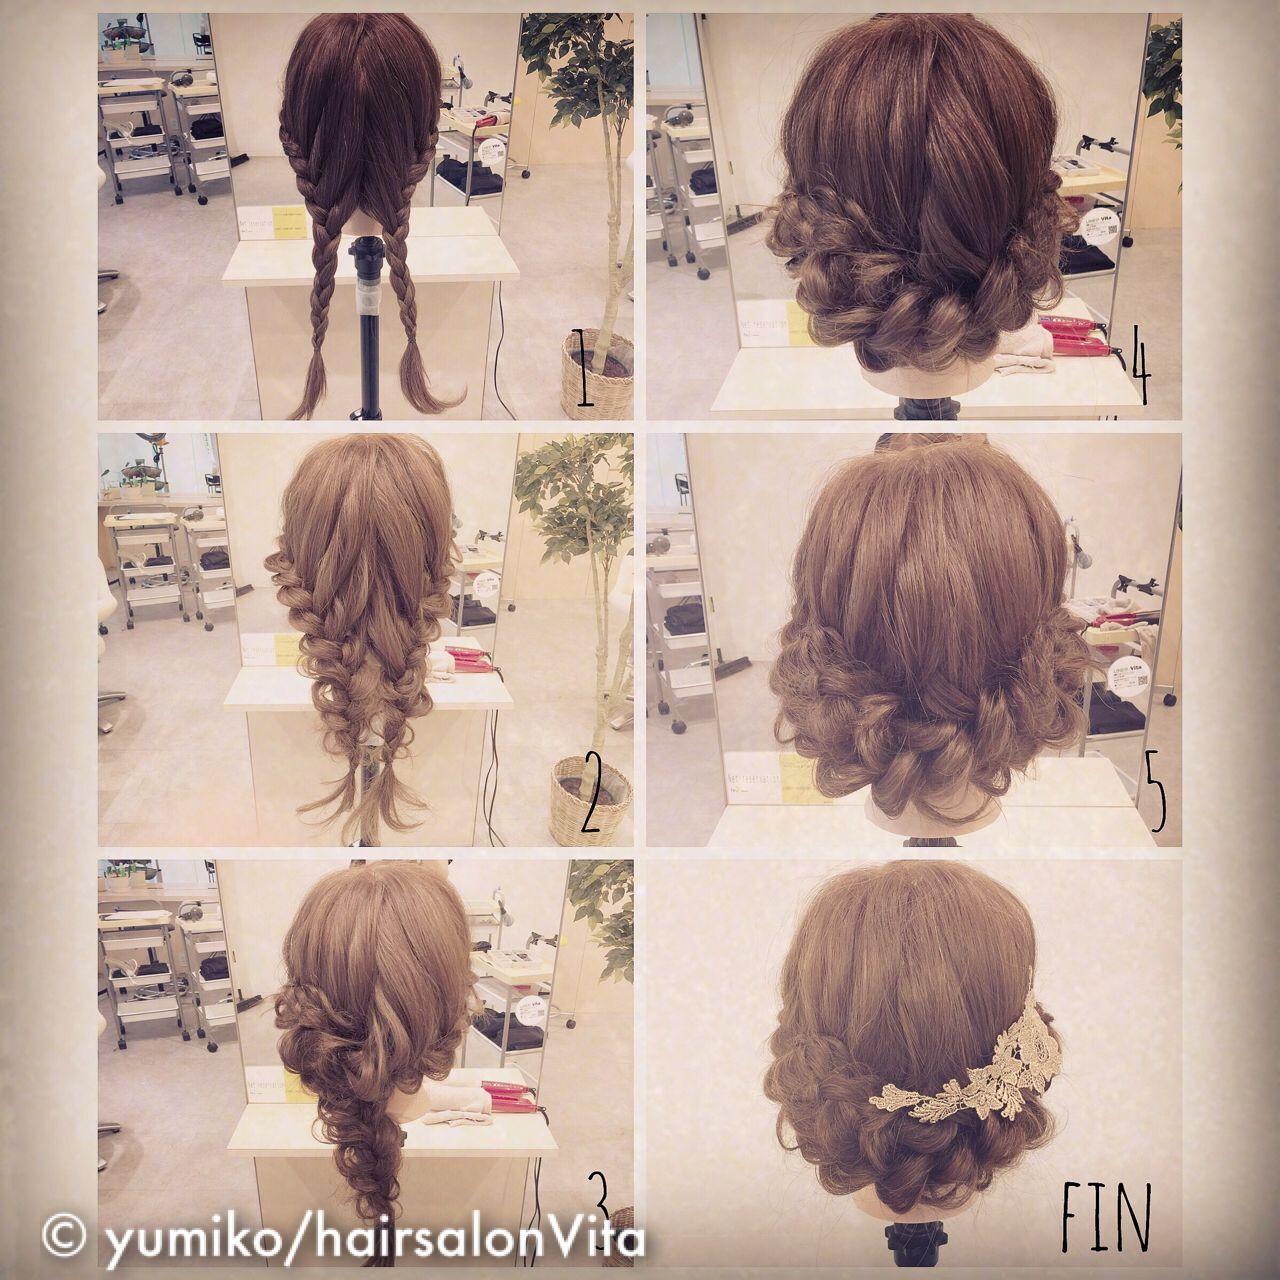 ナチュラル ショート 結婚式 簡単ヘアアレンジヘアスタイルや髪型の写真・画像